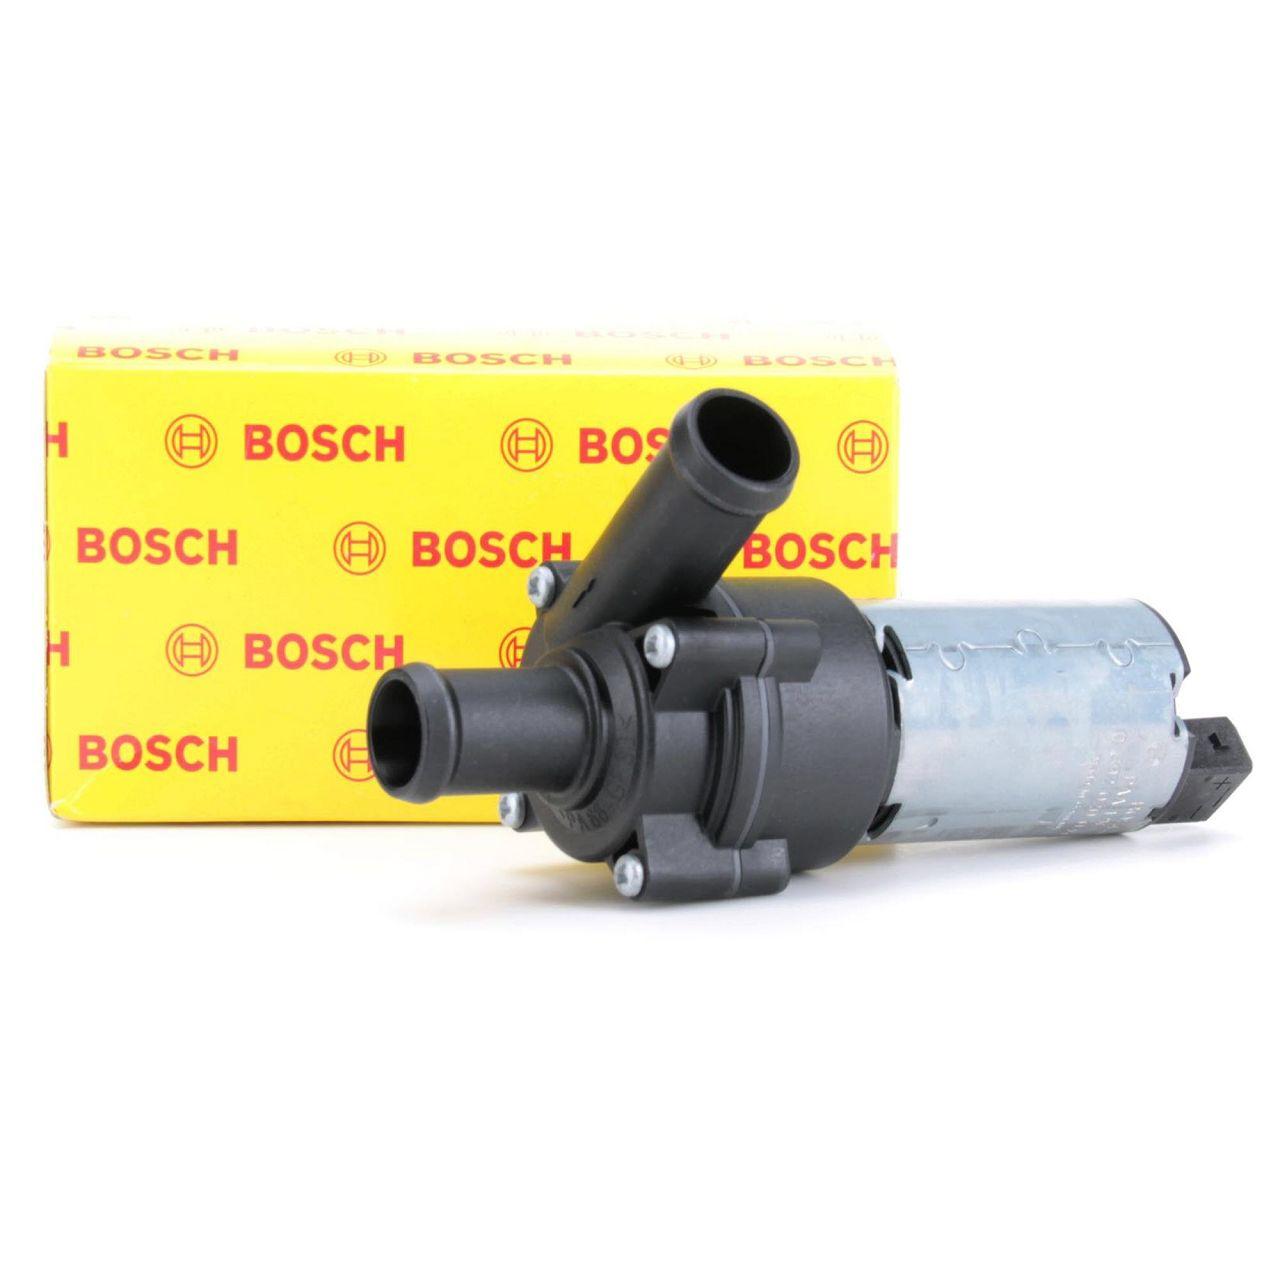 BOSCH 0392020039 Zusatzwasserpumpe AUDI A3 TT VW Golf 4 1.6 1.8 T 1.9 TDI